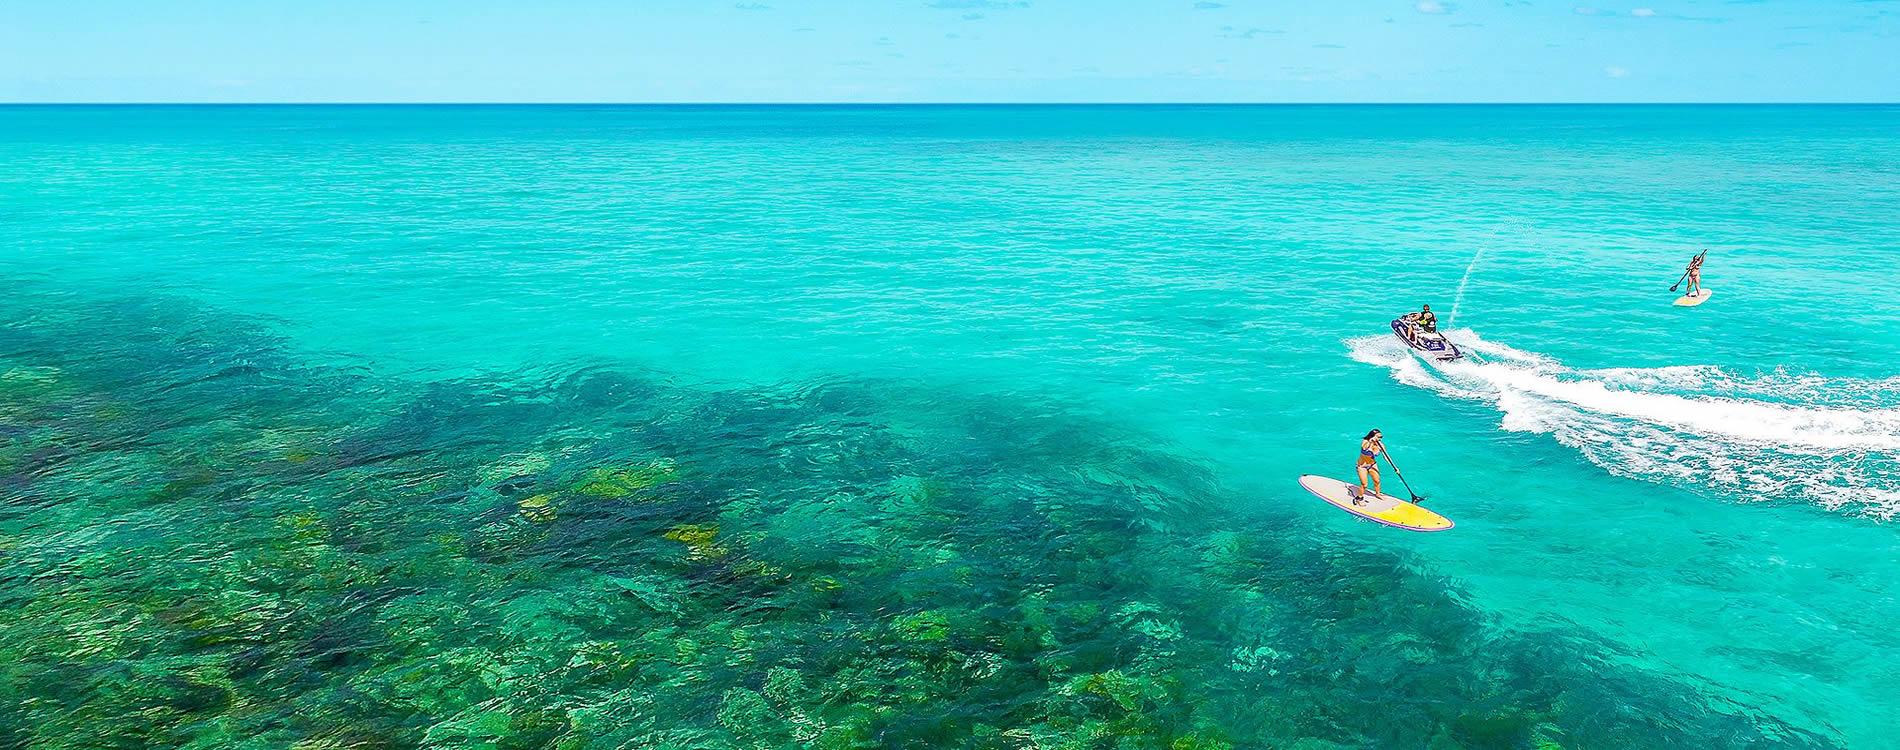 Cococay-Bahamas-Water-Sports_1900x750